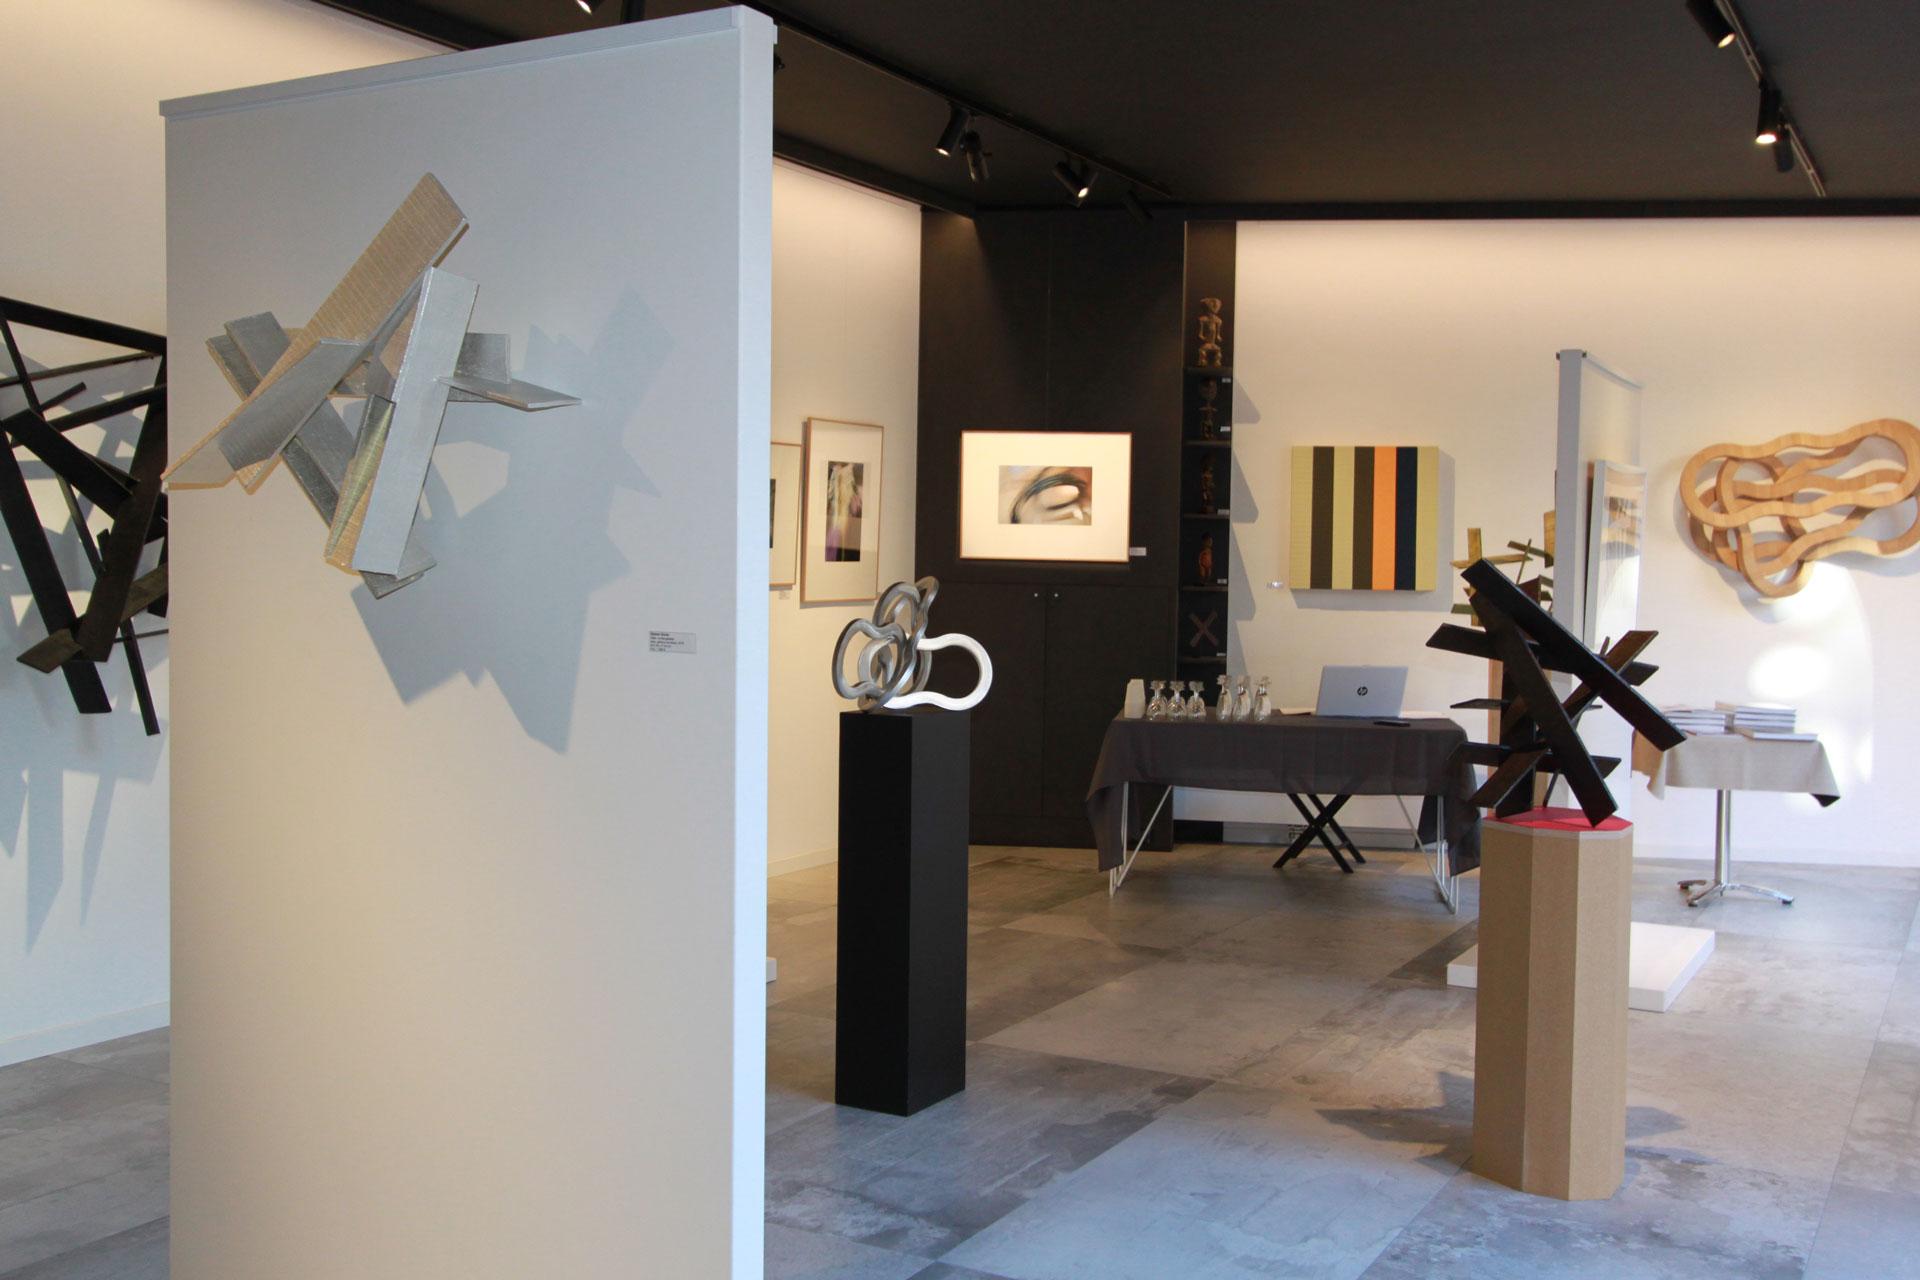 Exposition Droites et courbes - Galerie Murmure Colmar